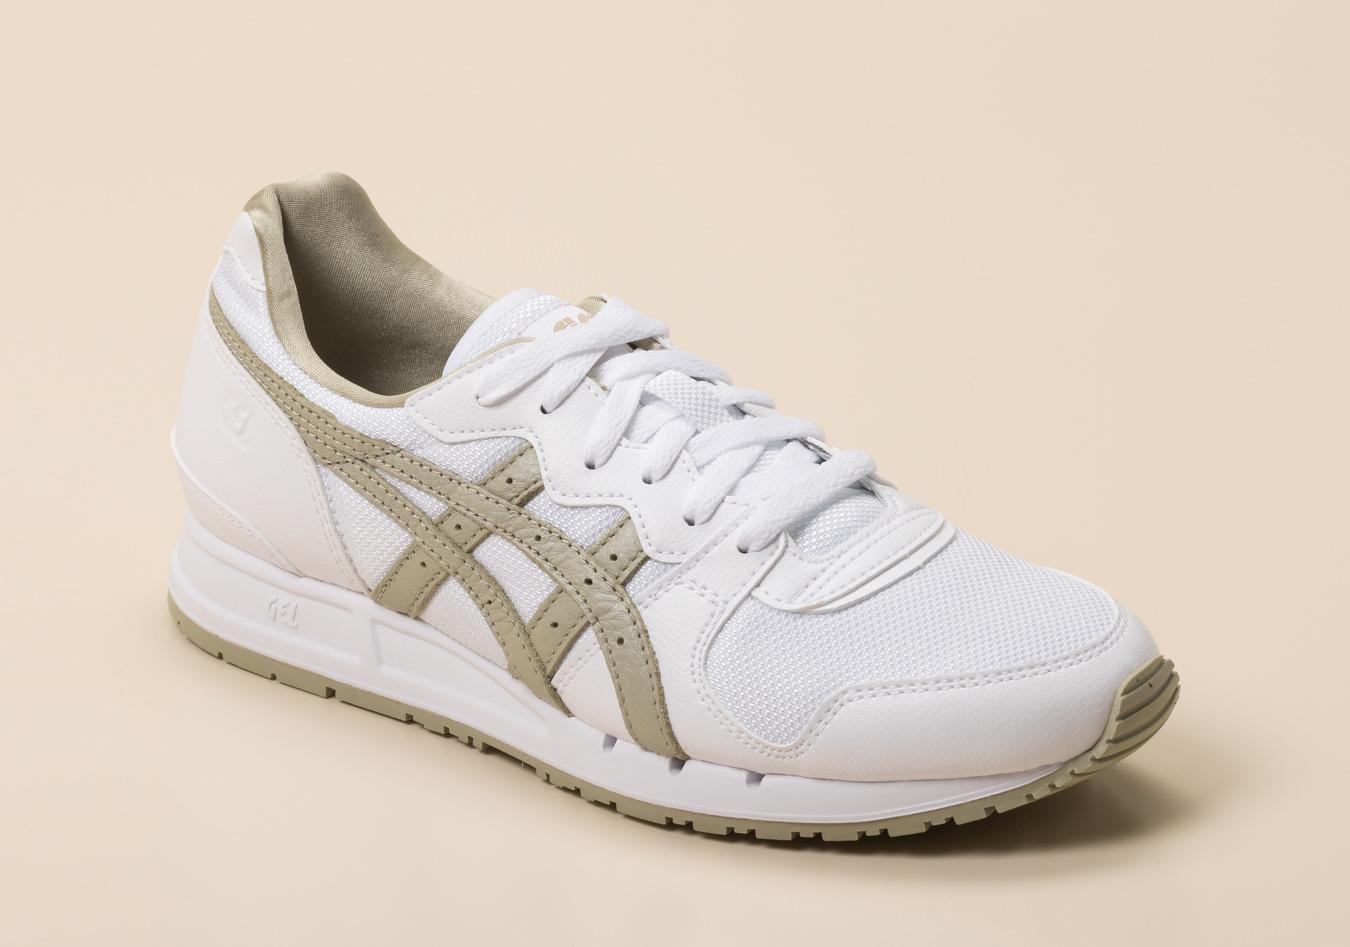 Asics Damen Sneaker in weiß kaufen | Zumnorde Online-Shop